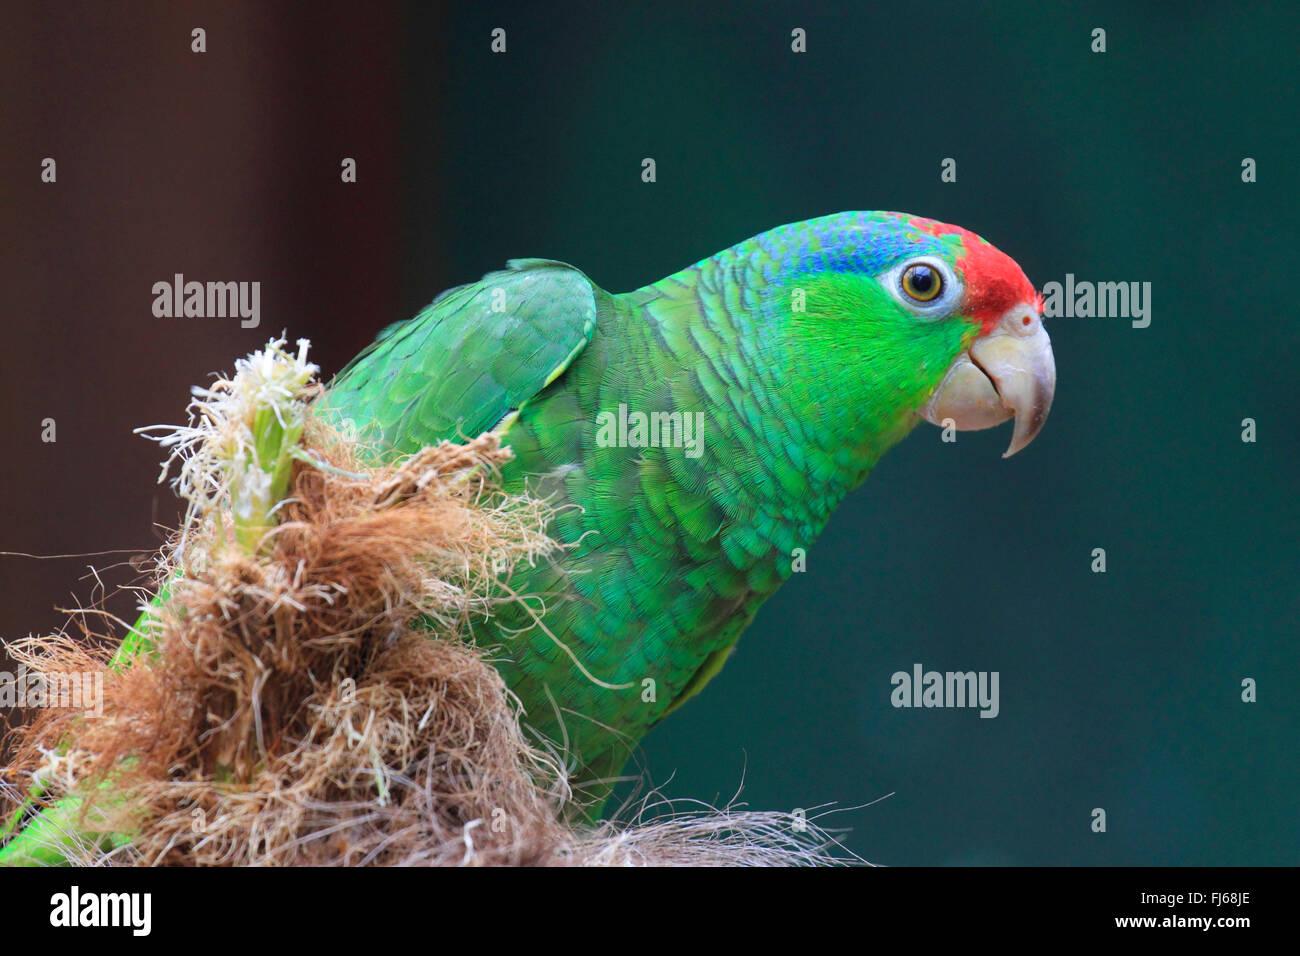 green-cheeked amazon (Amazona viridigenalis), with corn cob - Stock Image